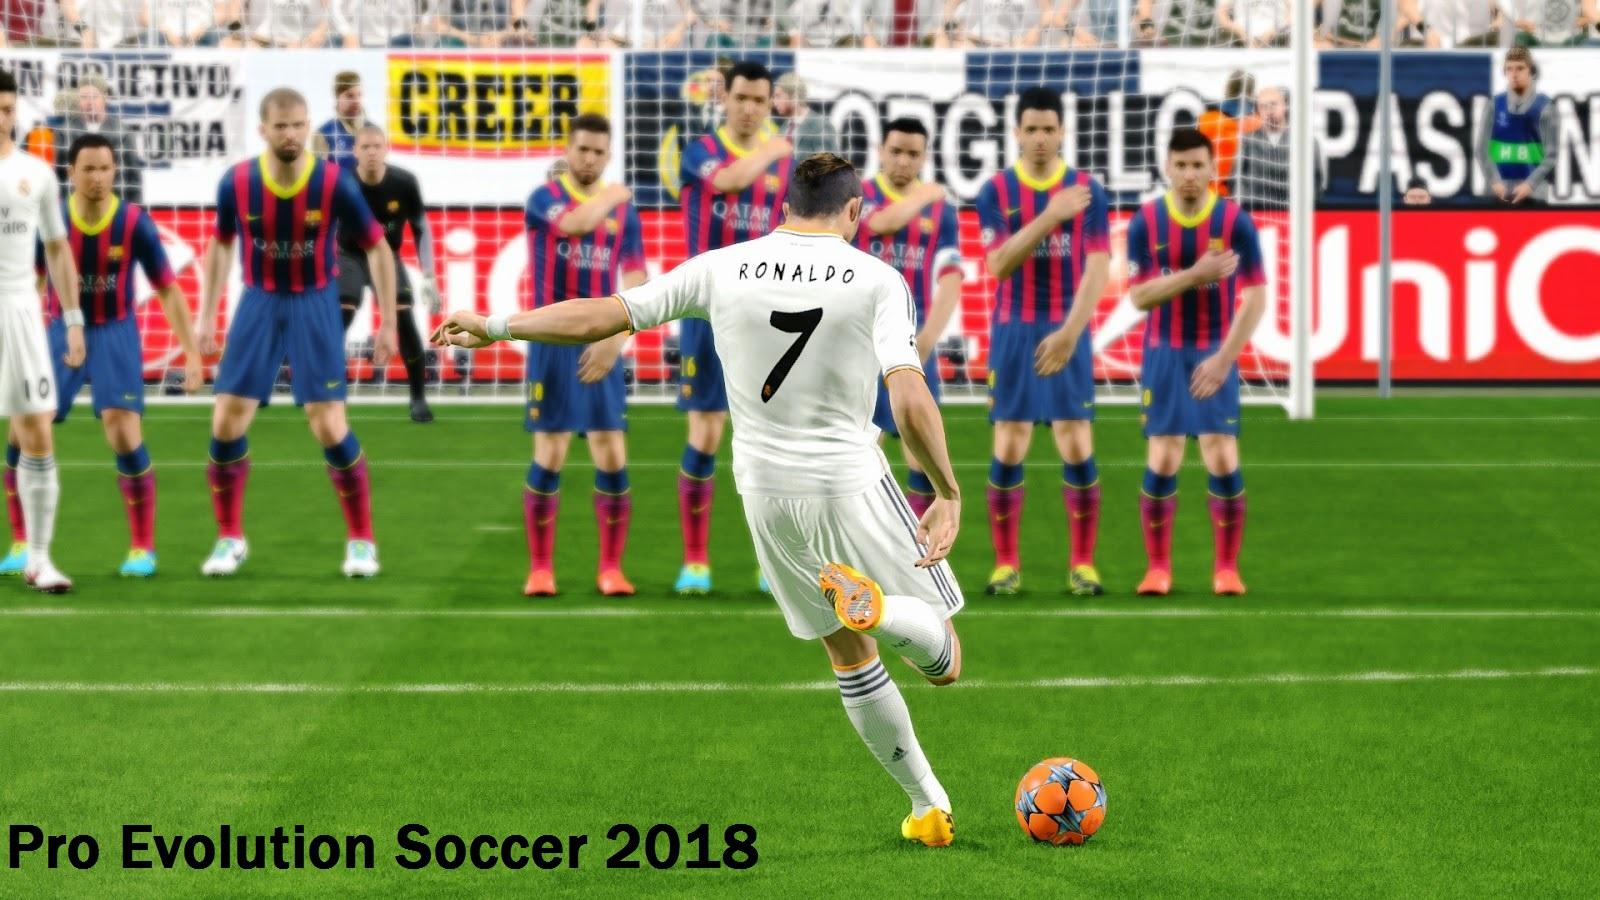 pro evolution soccer 2018 backgrounds hd. Black Bedroom Furniture Sets. Home Design Ideas